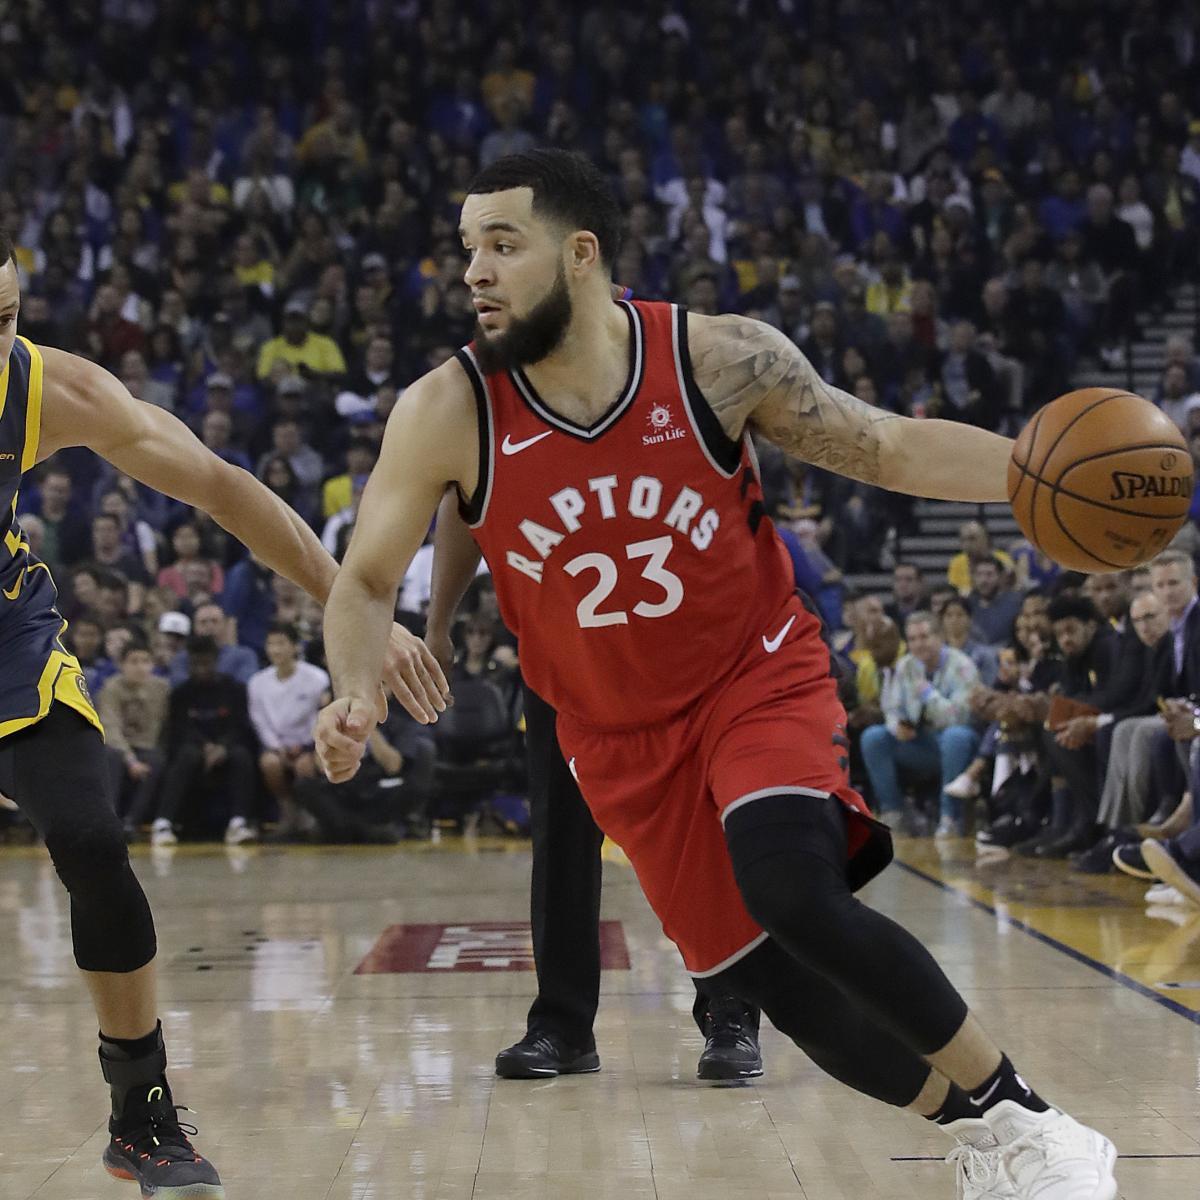 2019 NBA Playoffs Odds: Warriors, Raptors Favored To Meet